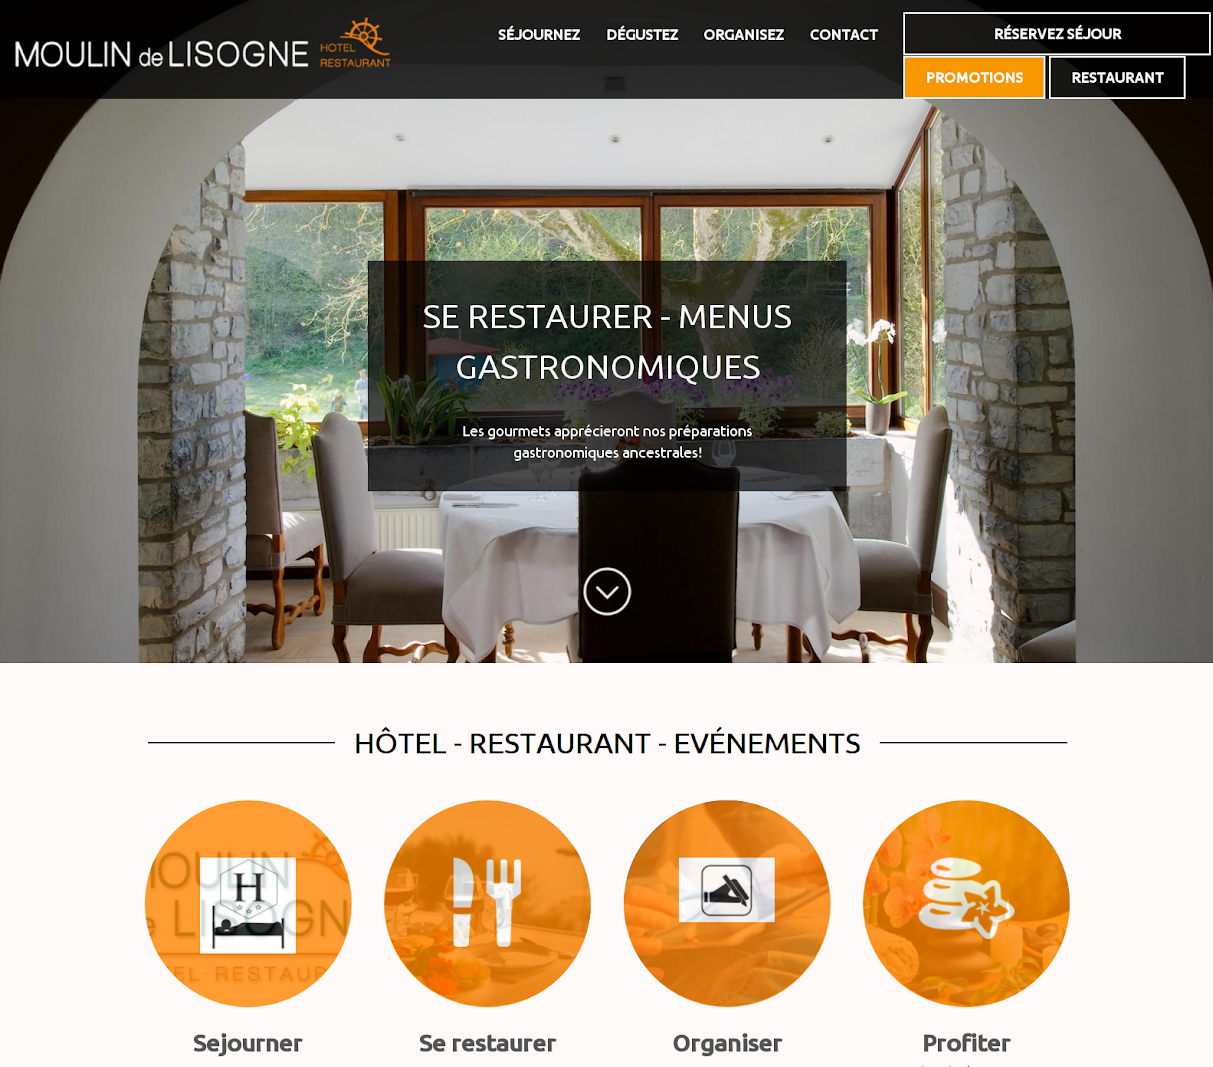 Site booking multilingues en cours de mise en route. Réservation hôtel, gîtes, cabanes et carte restaurant du Moulin